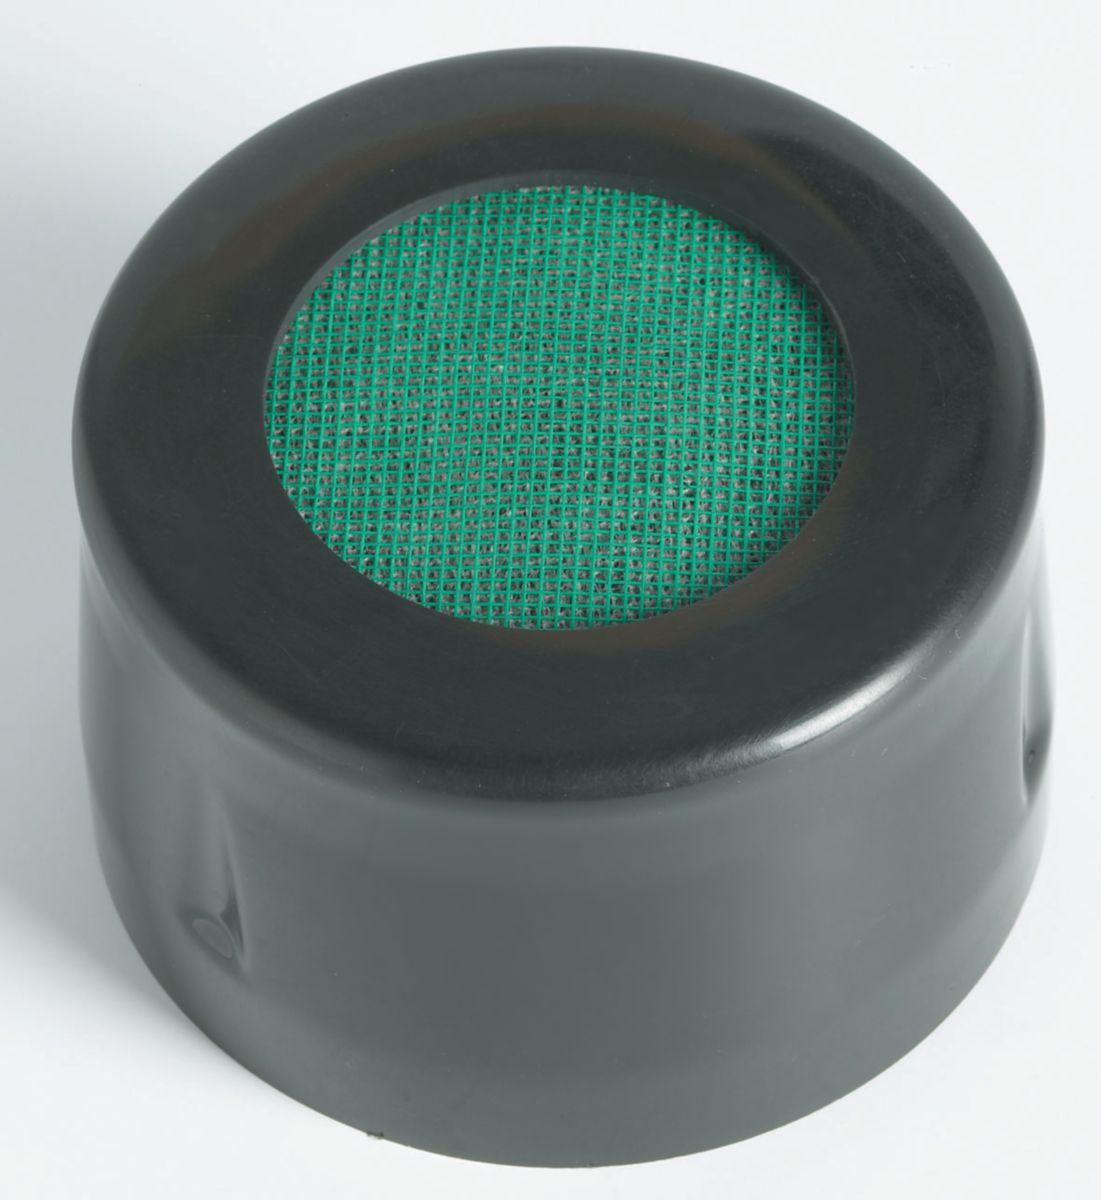 sebico filtre anti odeur pour fosse septique toutes eaux fao point p. Black Bedroom Furniture Sets. Home Design Ideas